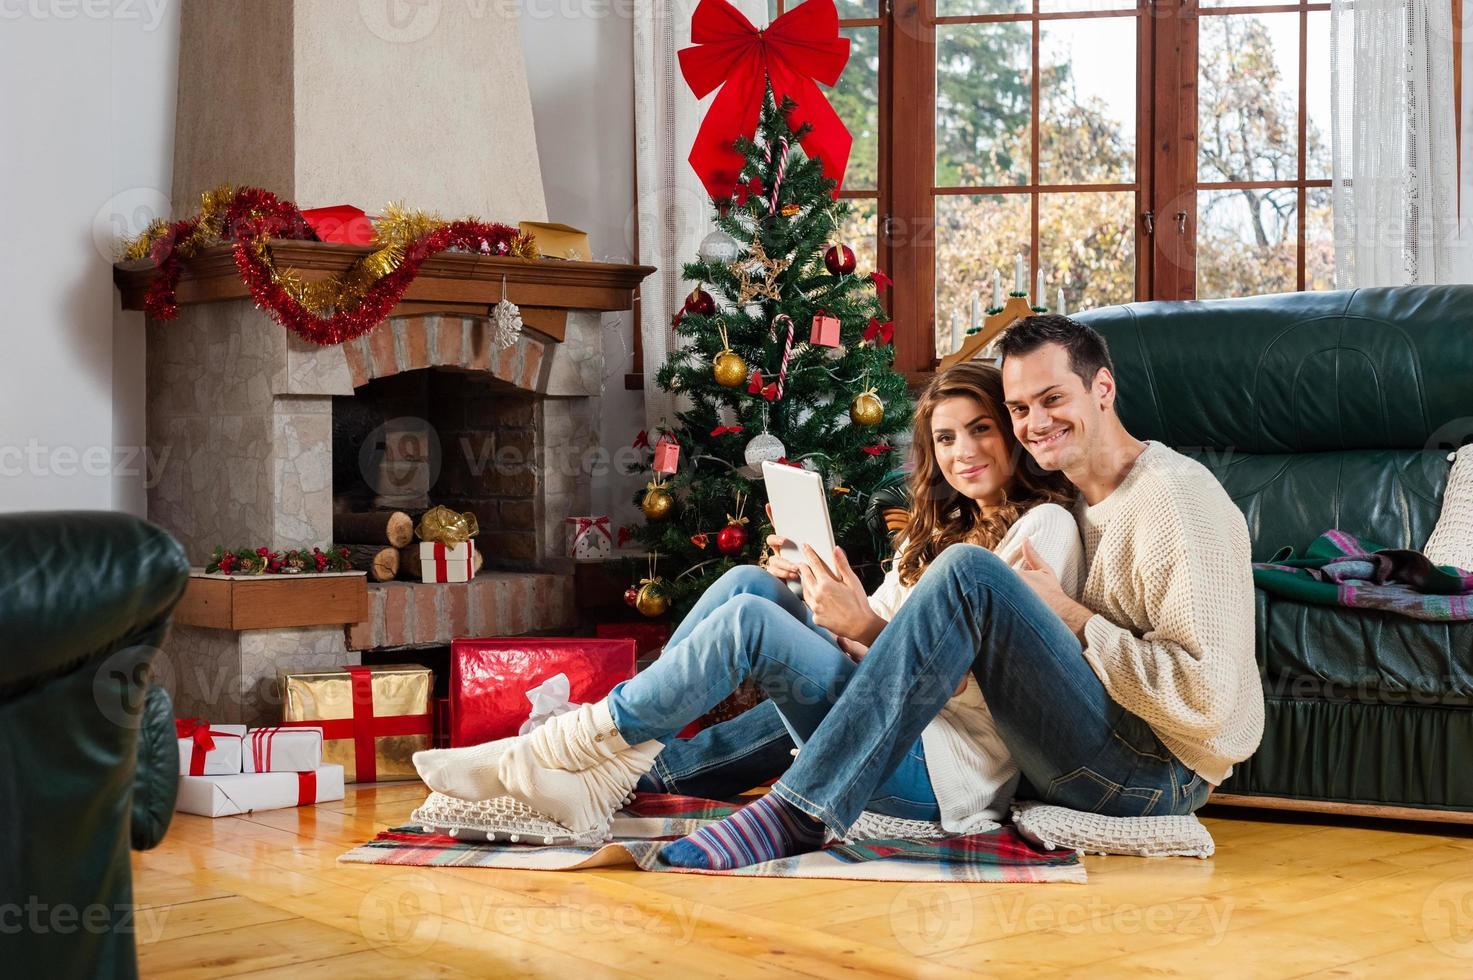 Noël c'est pour l'amour photo